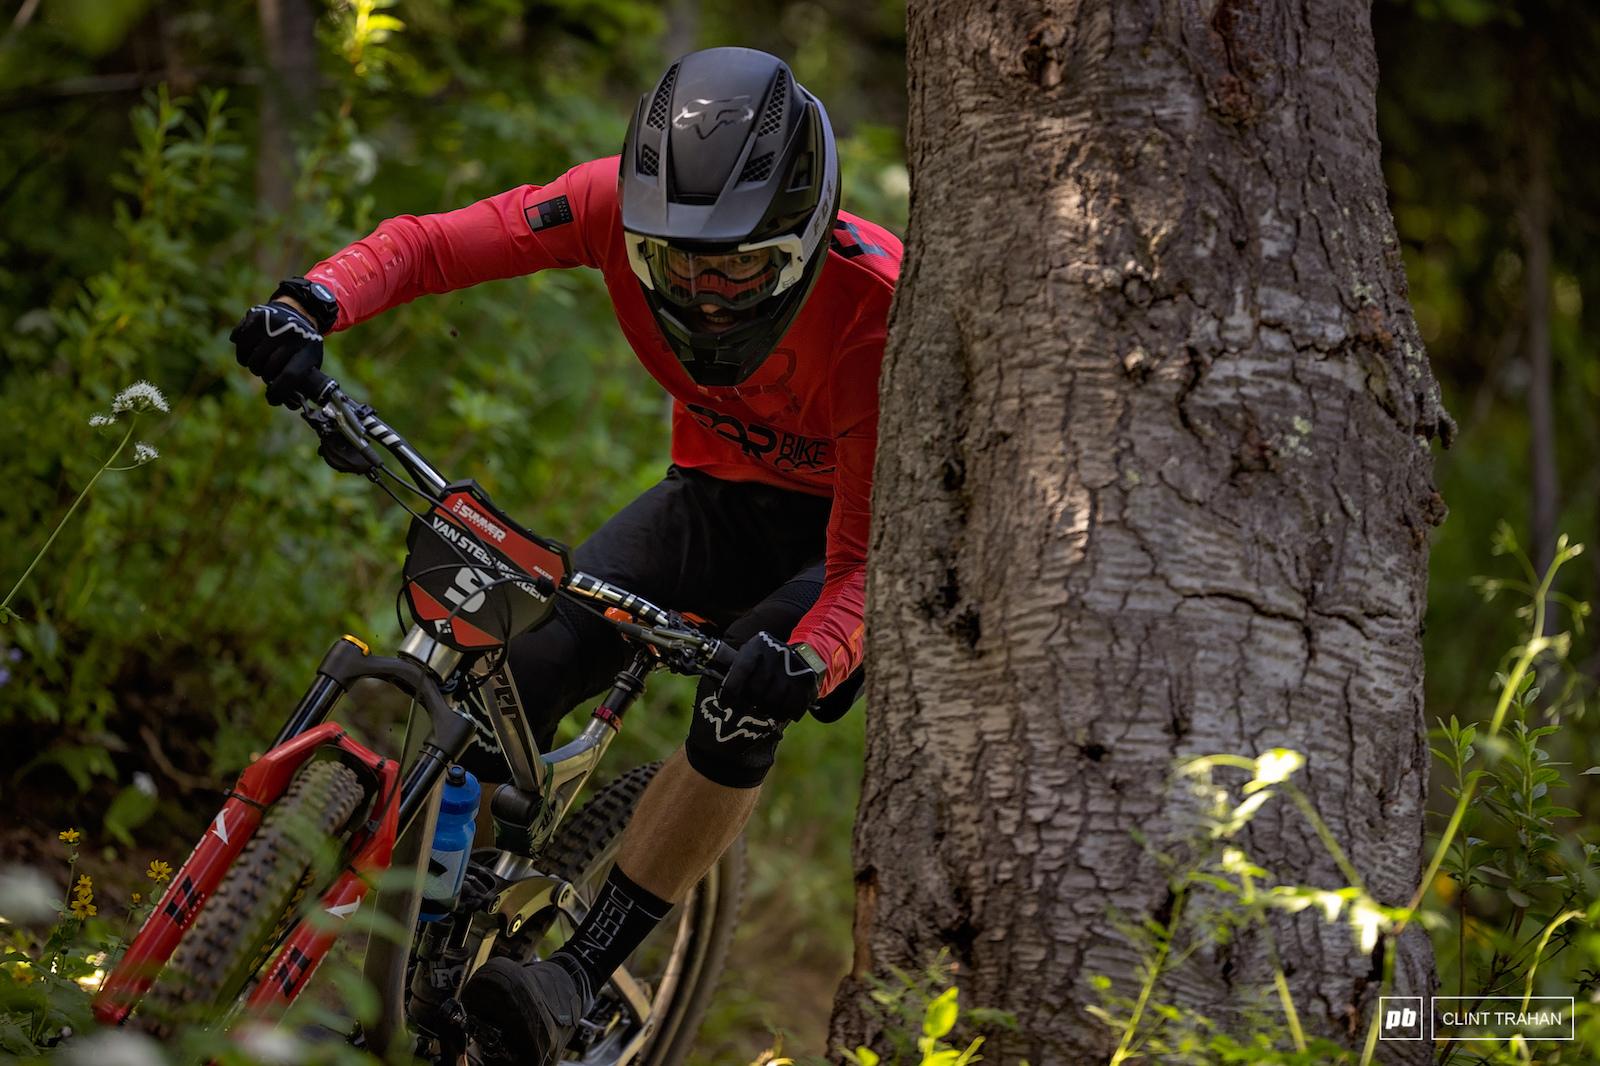 Bas Van Steenbergen riding Hyper